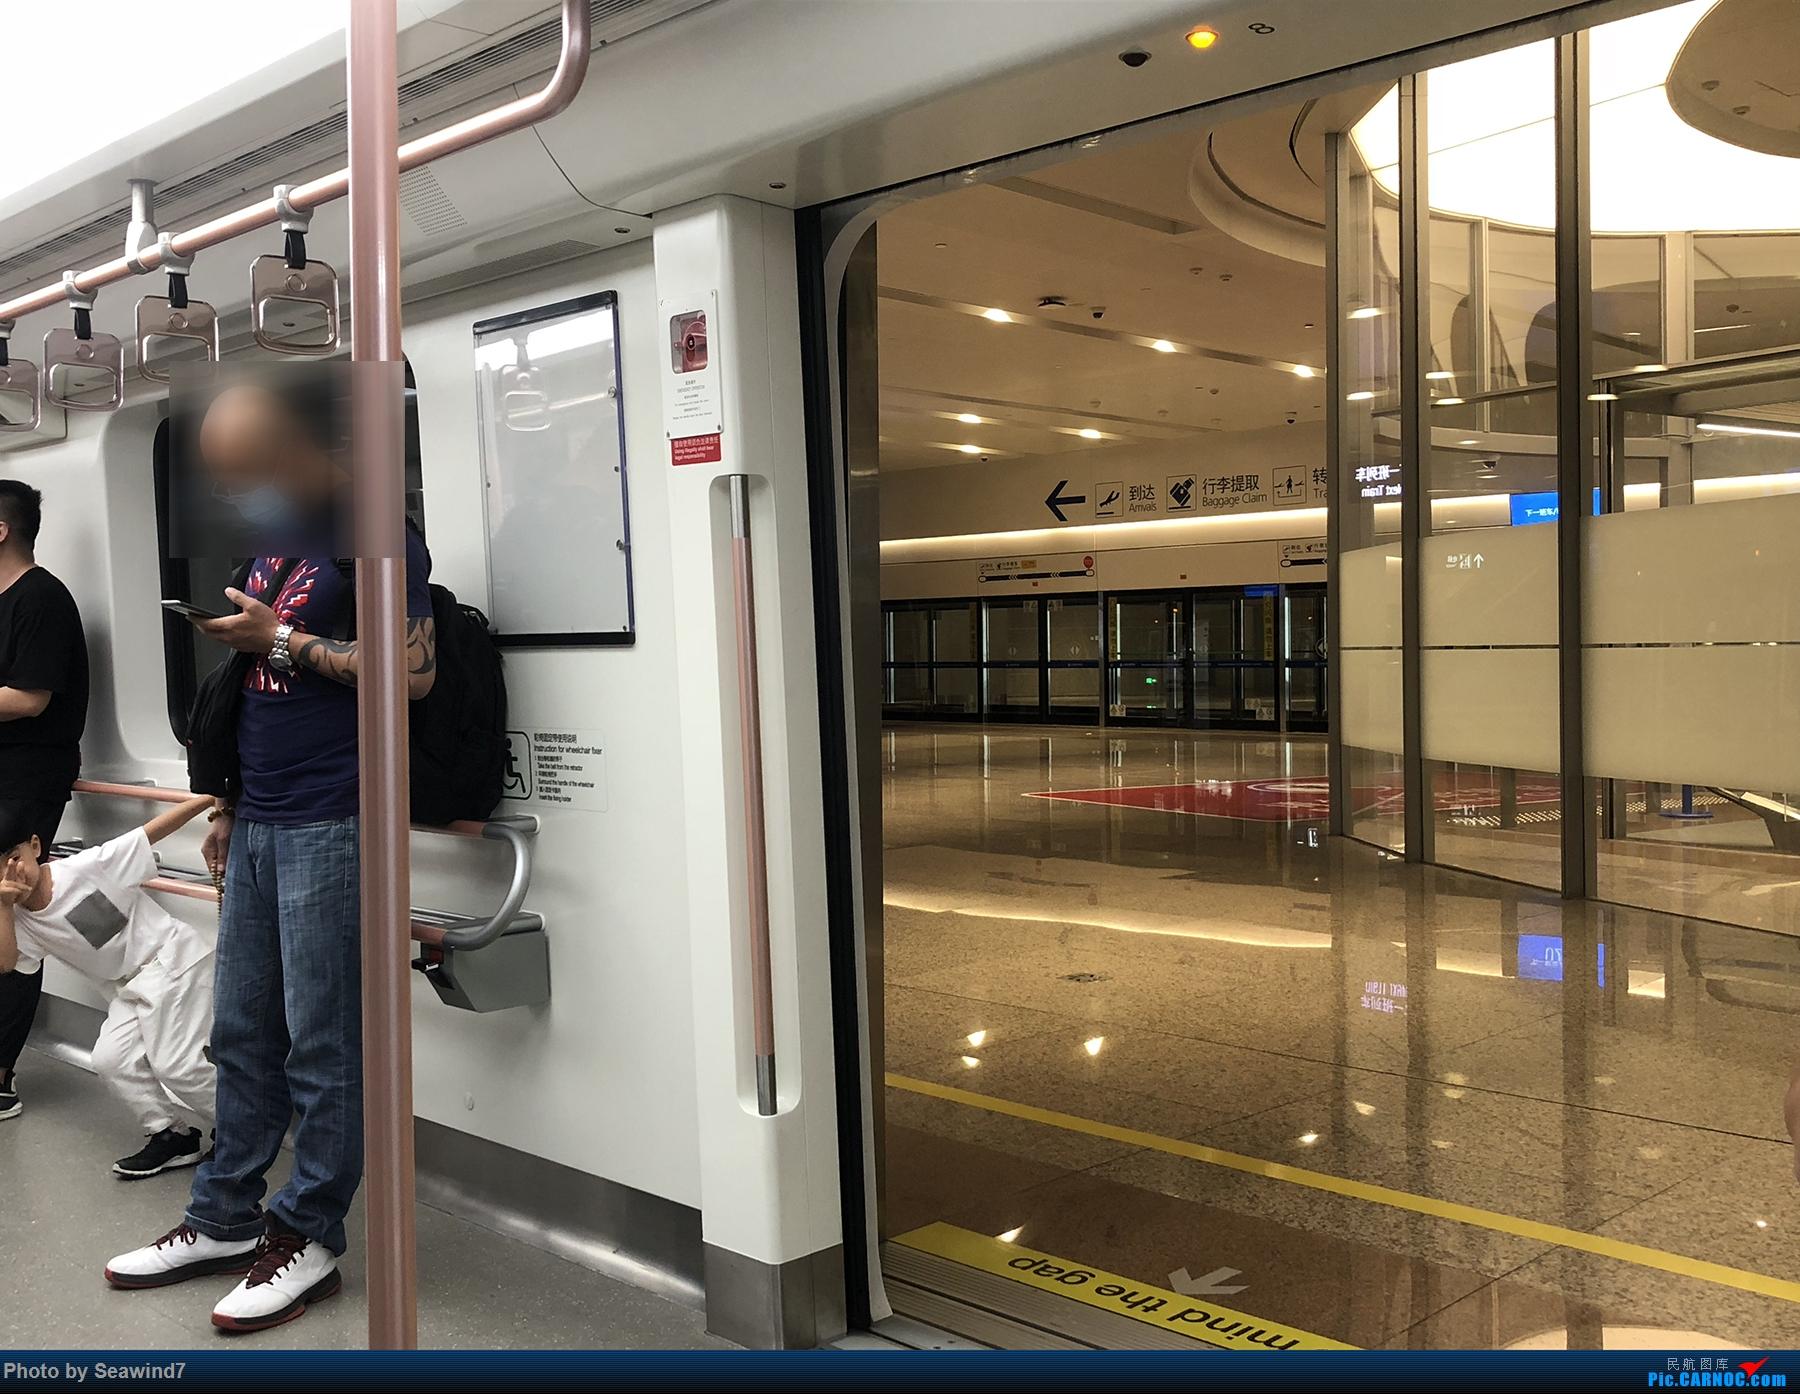 Re:[原创][Seawind7游记第七弹]鄂尔多斯往返    中国上海浦东国际机场